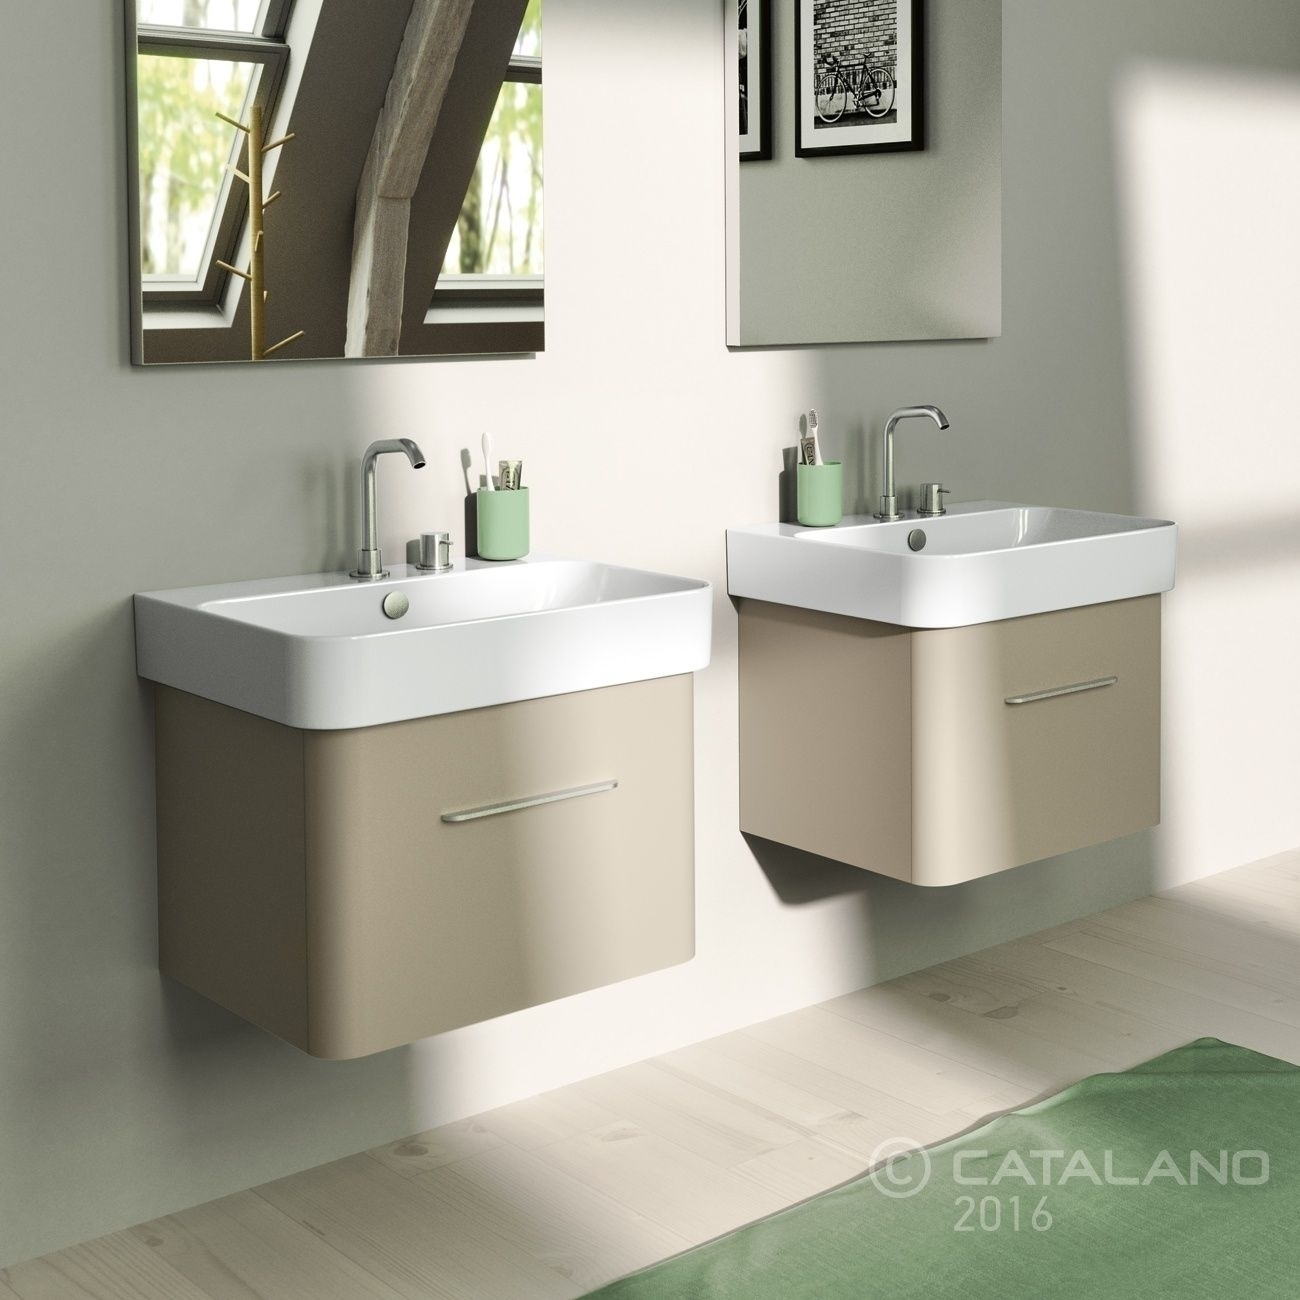 Lavabo A Colonna Design green 60 catalano lavabo installazione sospesa, semincasso, su colonna o  mobile 60x50 bianco 1°scelta fissaggi n° 1 kit z3443 non incluso